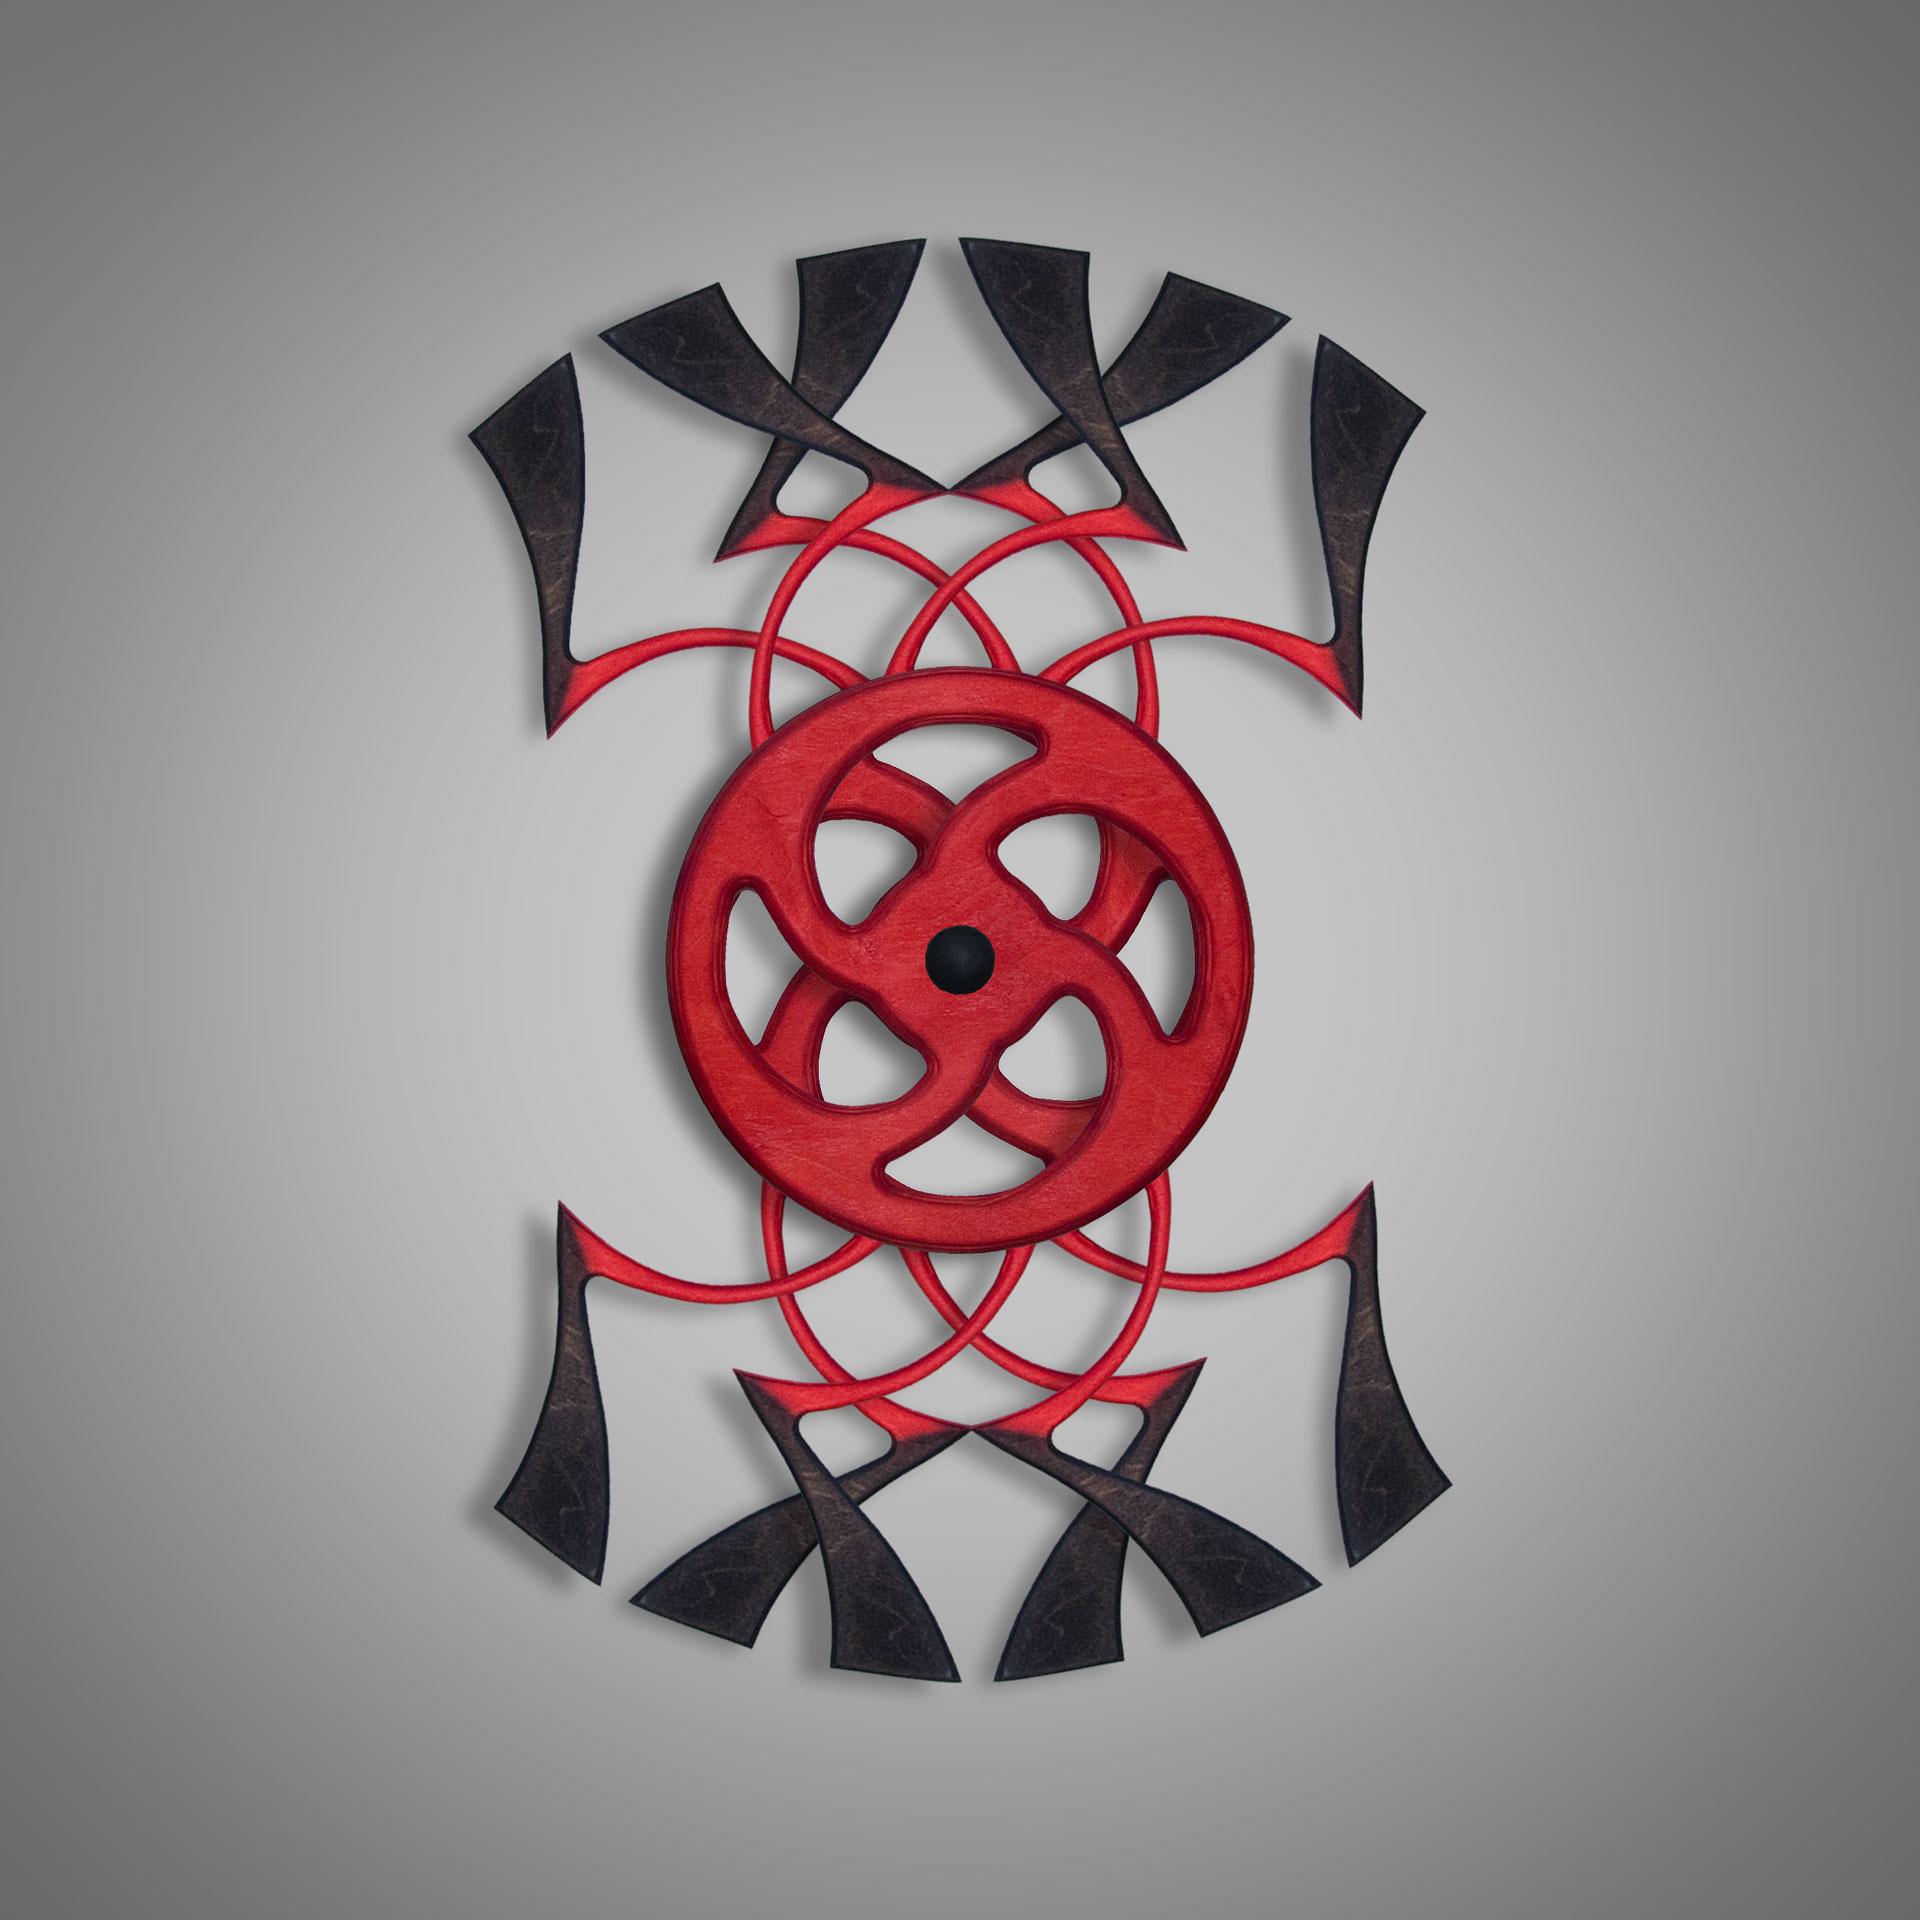 red-inner-reflection.jpg